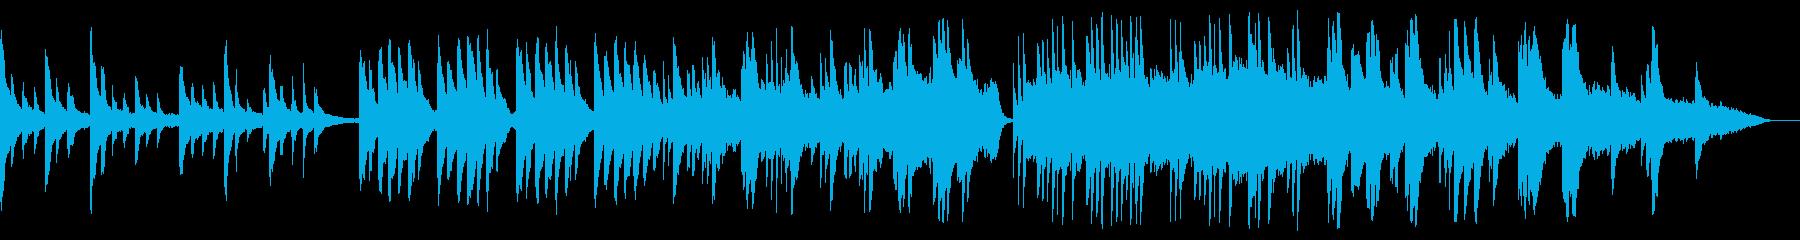 回想場面にマッチしたBGMの再生済みの波形